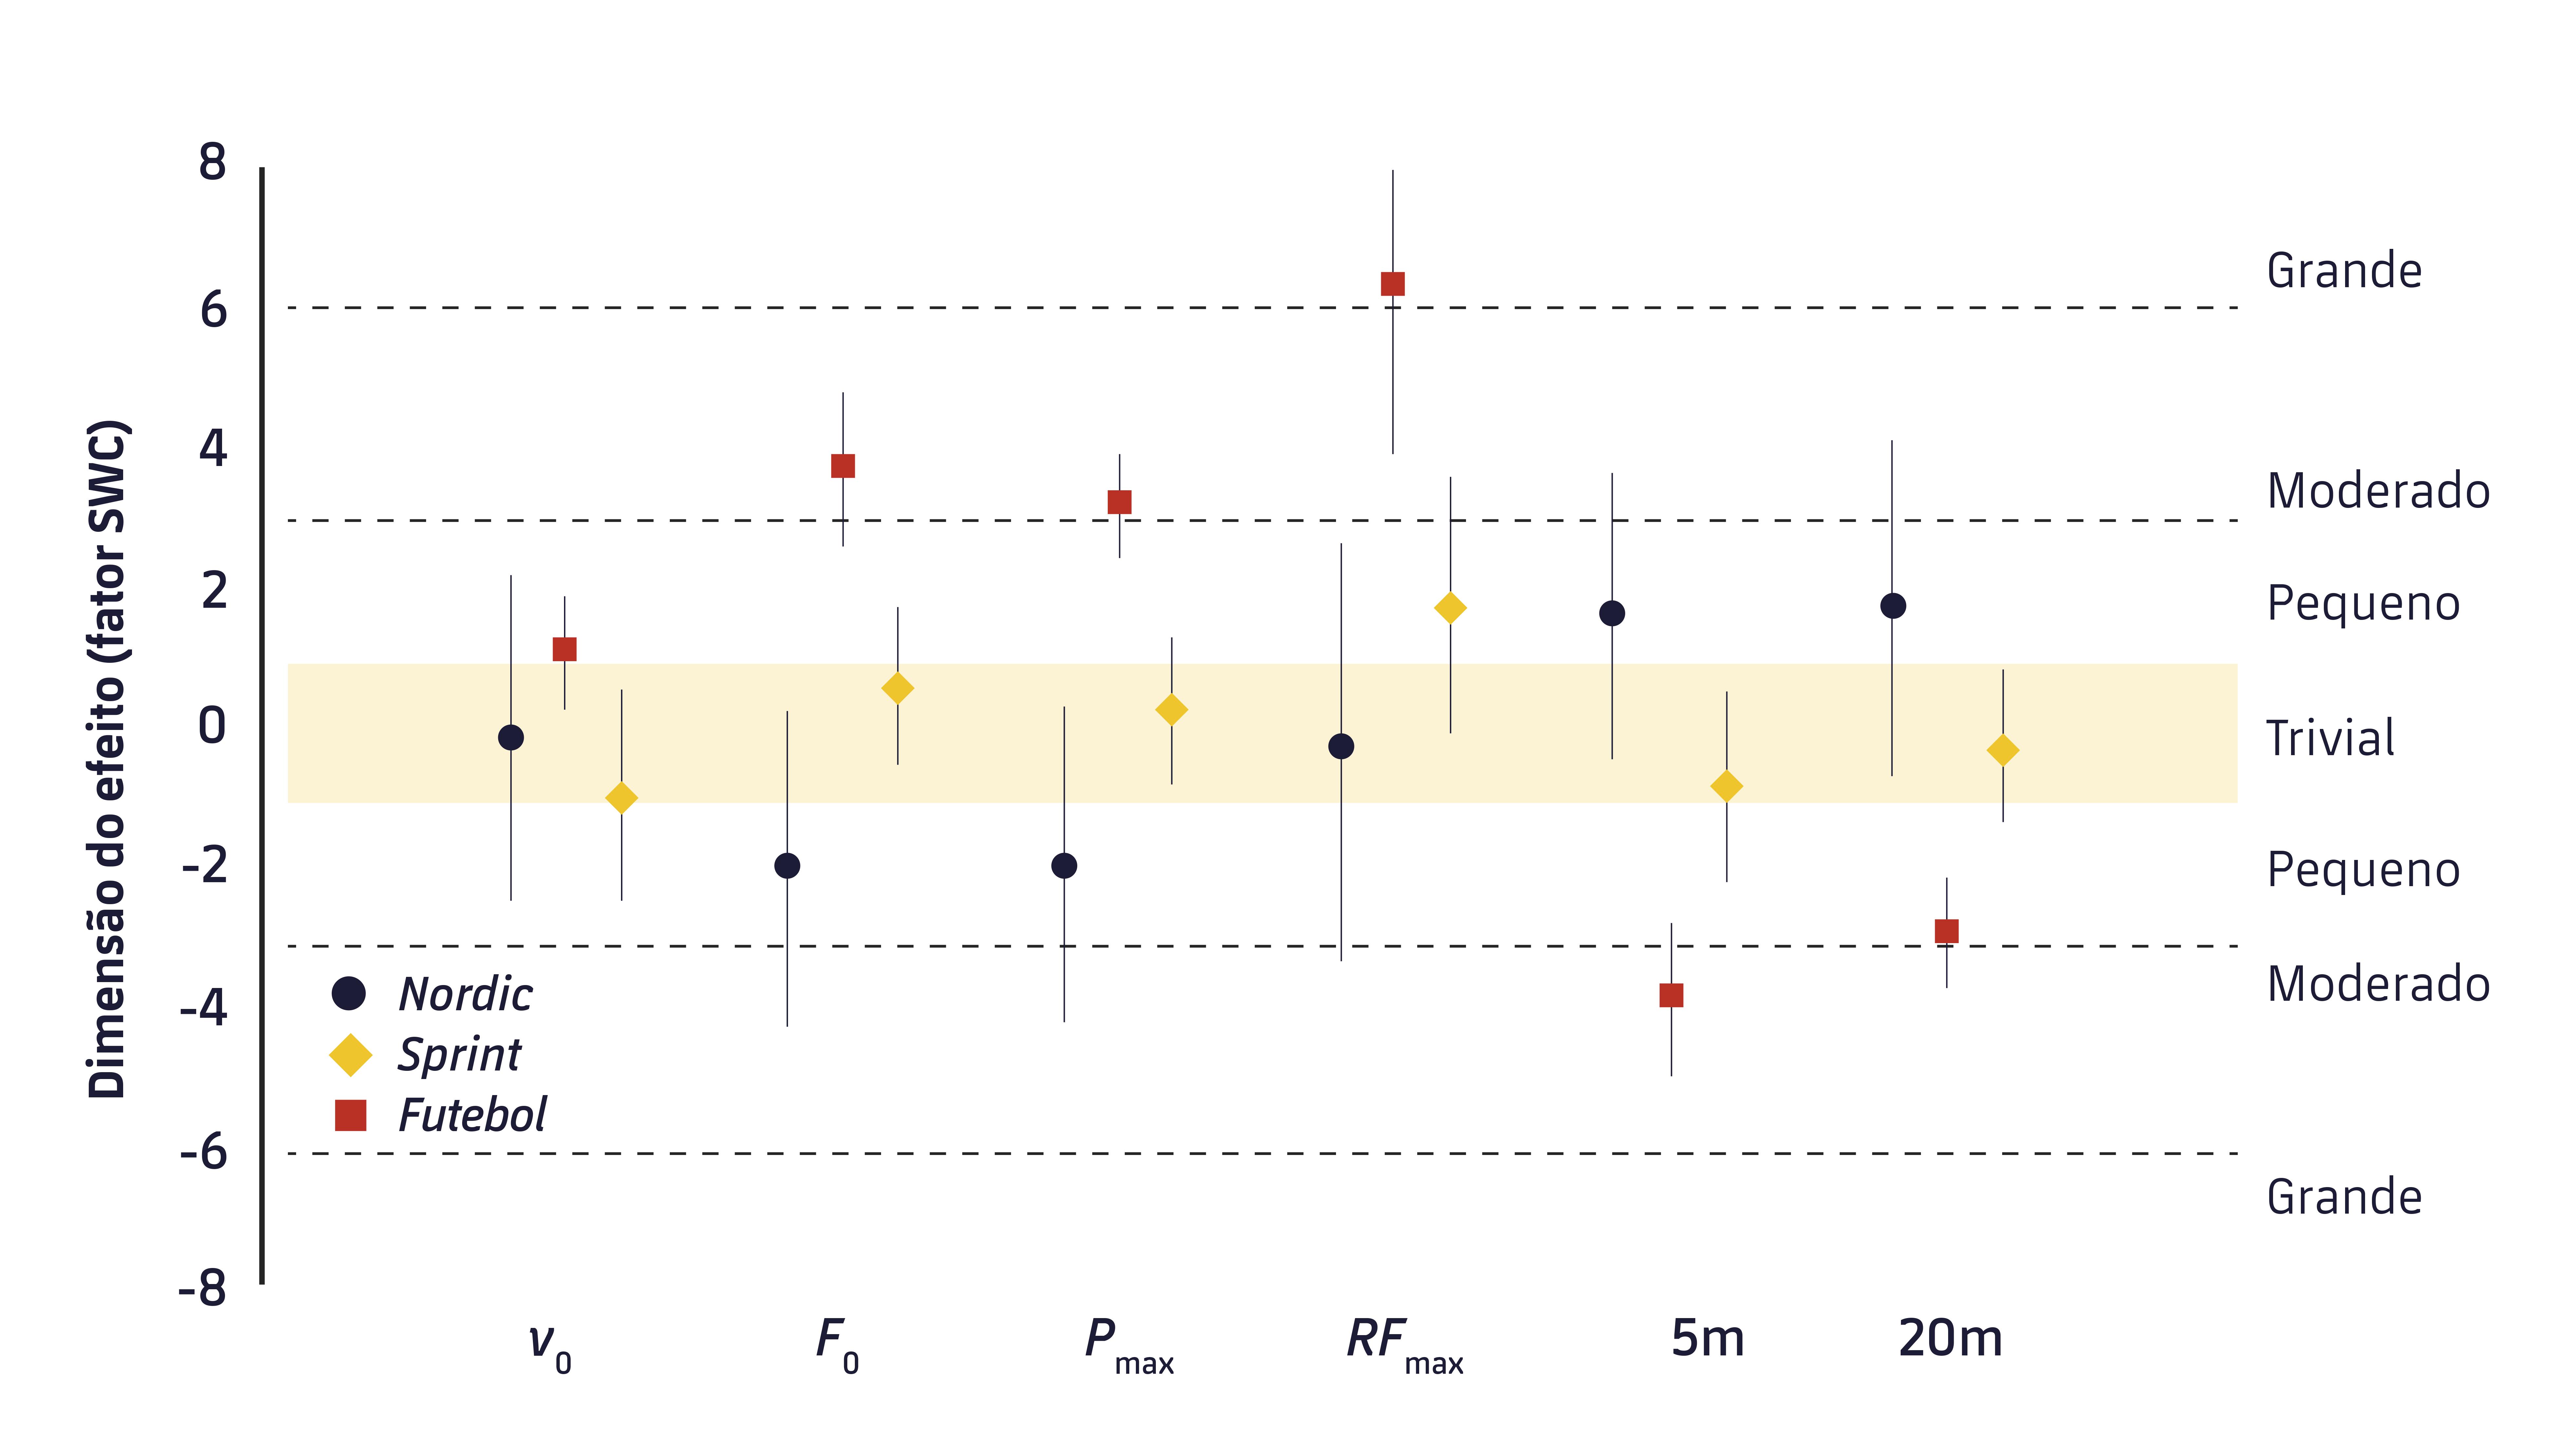 Figura 1. Escopo das alterações pré e pós rendimento durante um sprint. v0: velocidade máxima; F0 = força máxima; Pmax = potência máxima; RFmax = máximo valor médio de força; 5 m: tempo de um sprint em 5 m; 20 m: tempo de um sprint em 20 m.9